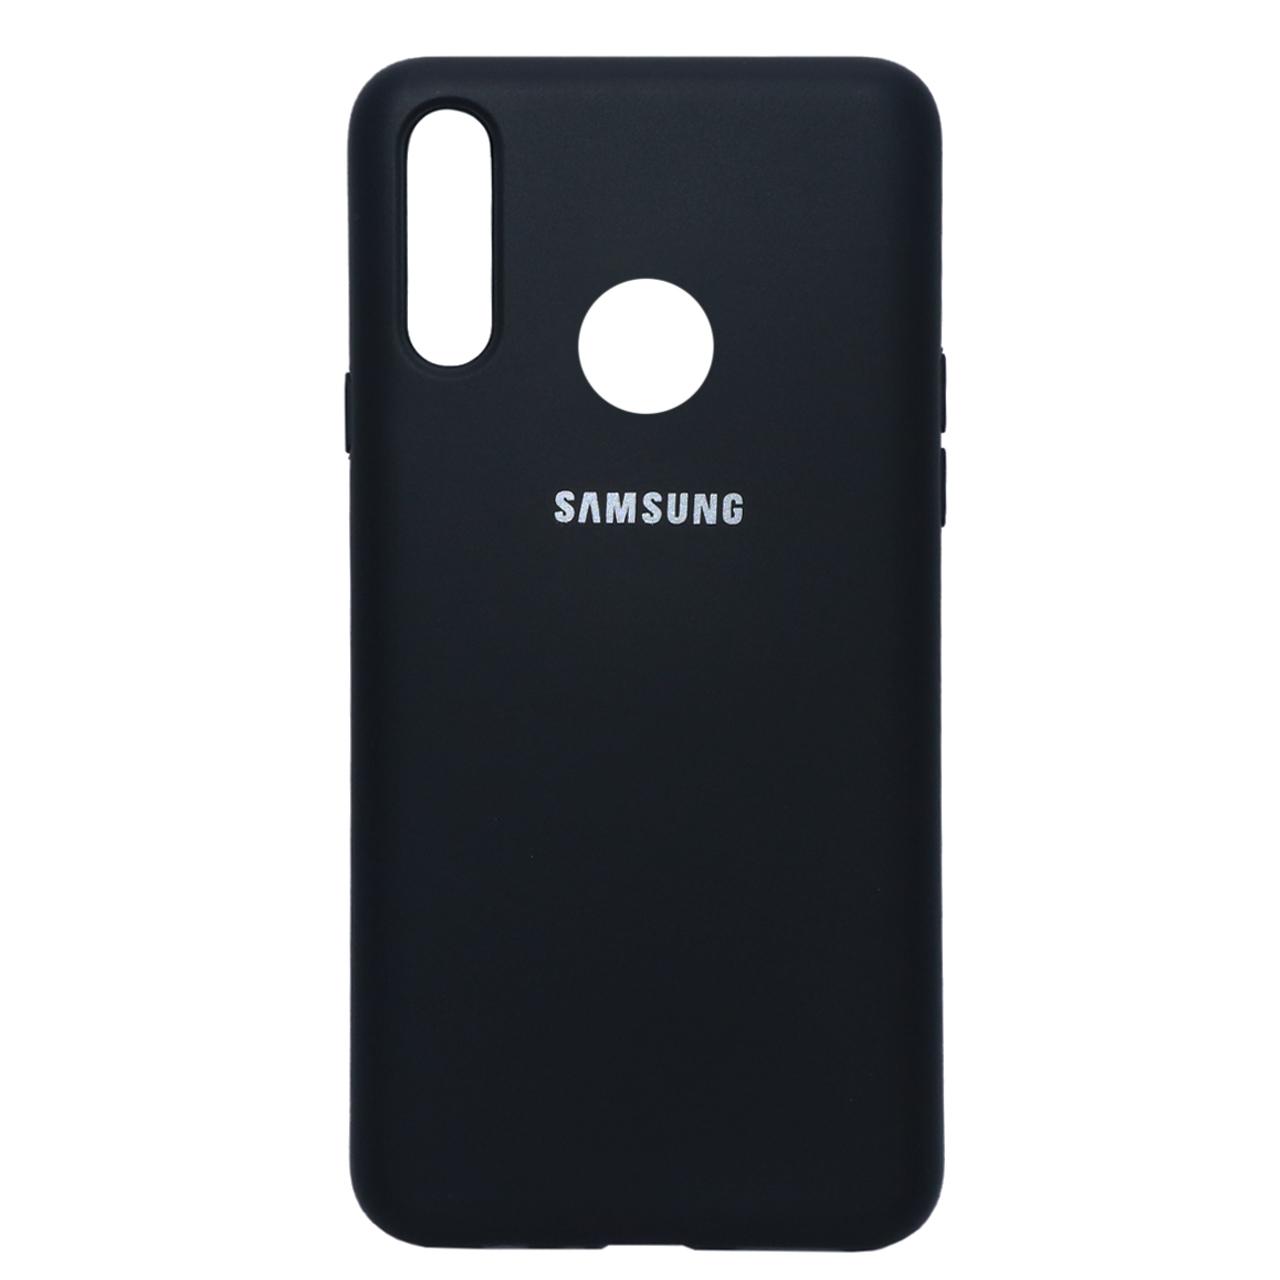 کاور مدل Sic-001 مناسب برای گوشی موبایل سامسونگ Galaxy A10s